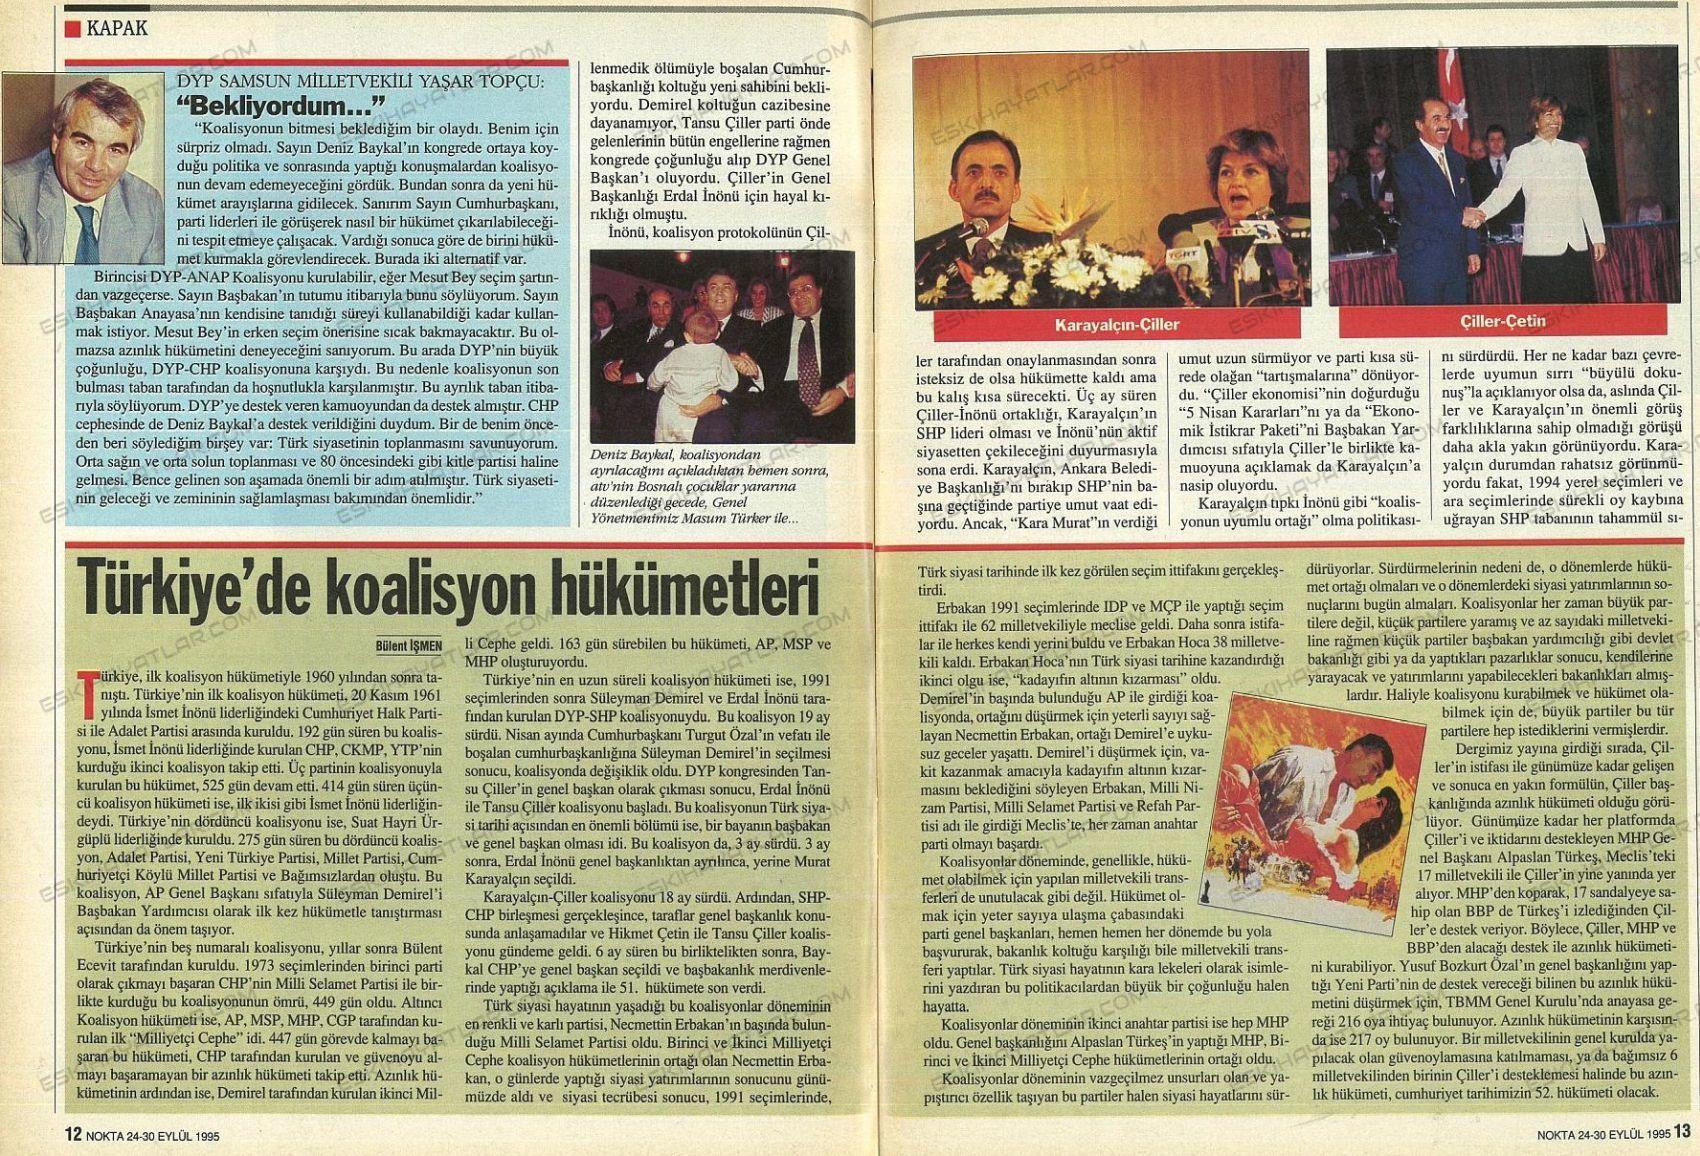 0235-dyp-samsun-milletvekili-yasar-topcu-kimdir-turkiye-de-koalisyon-hukumetleri